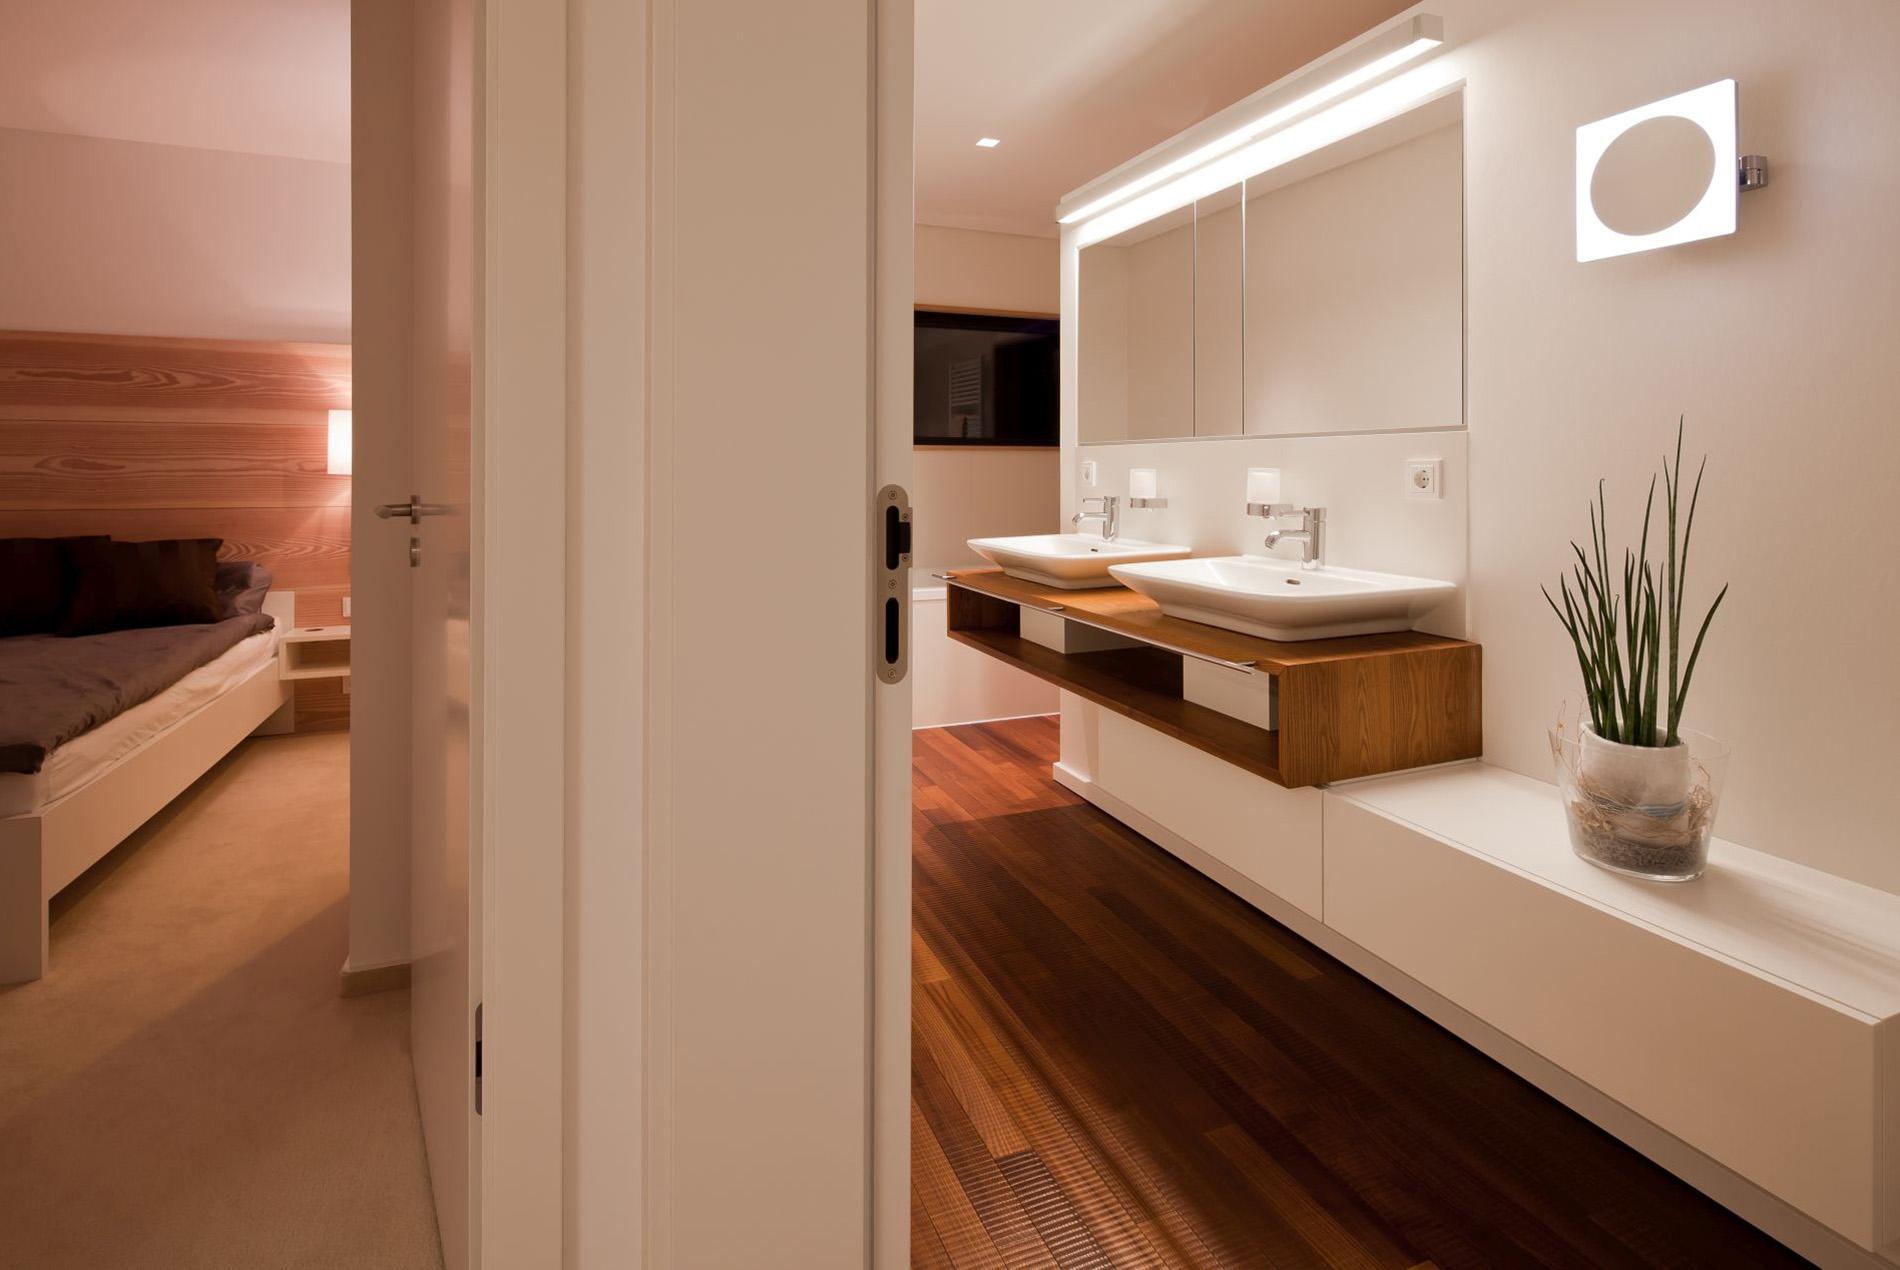 Holzboden Im Badezimmer Bad Ensuite Tischlerei Schopker